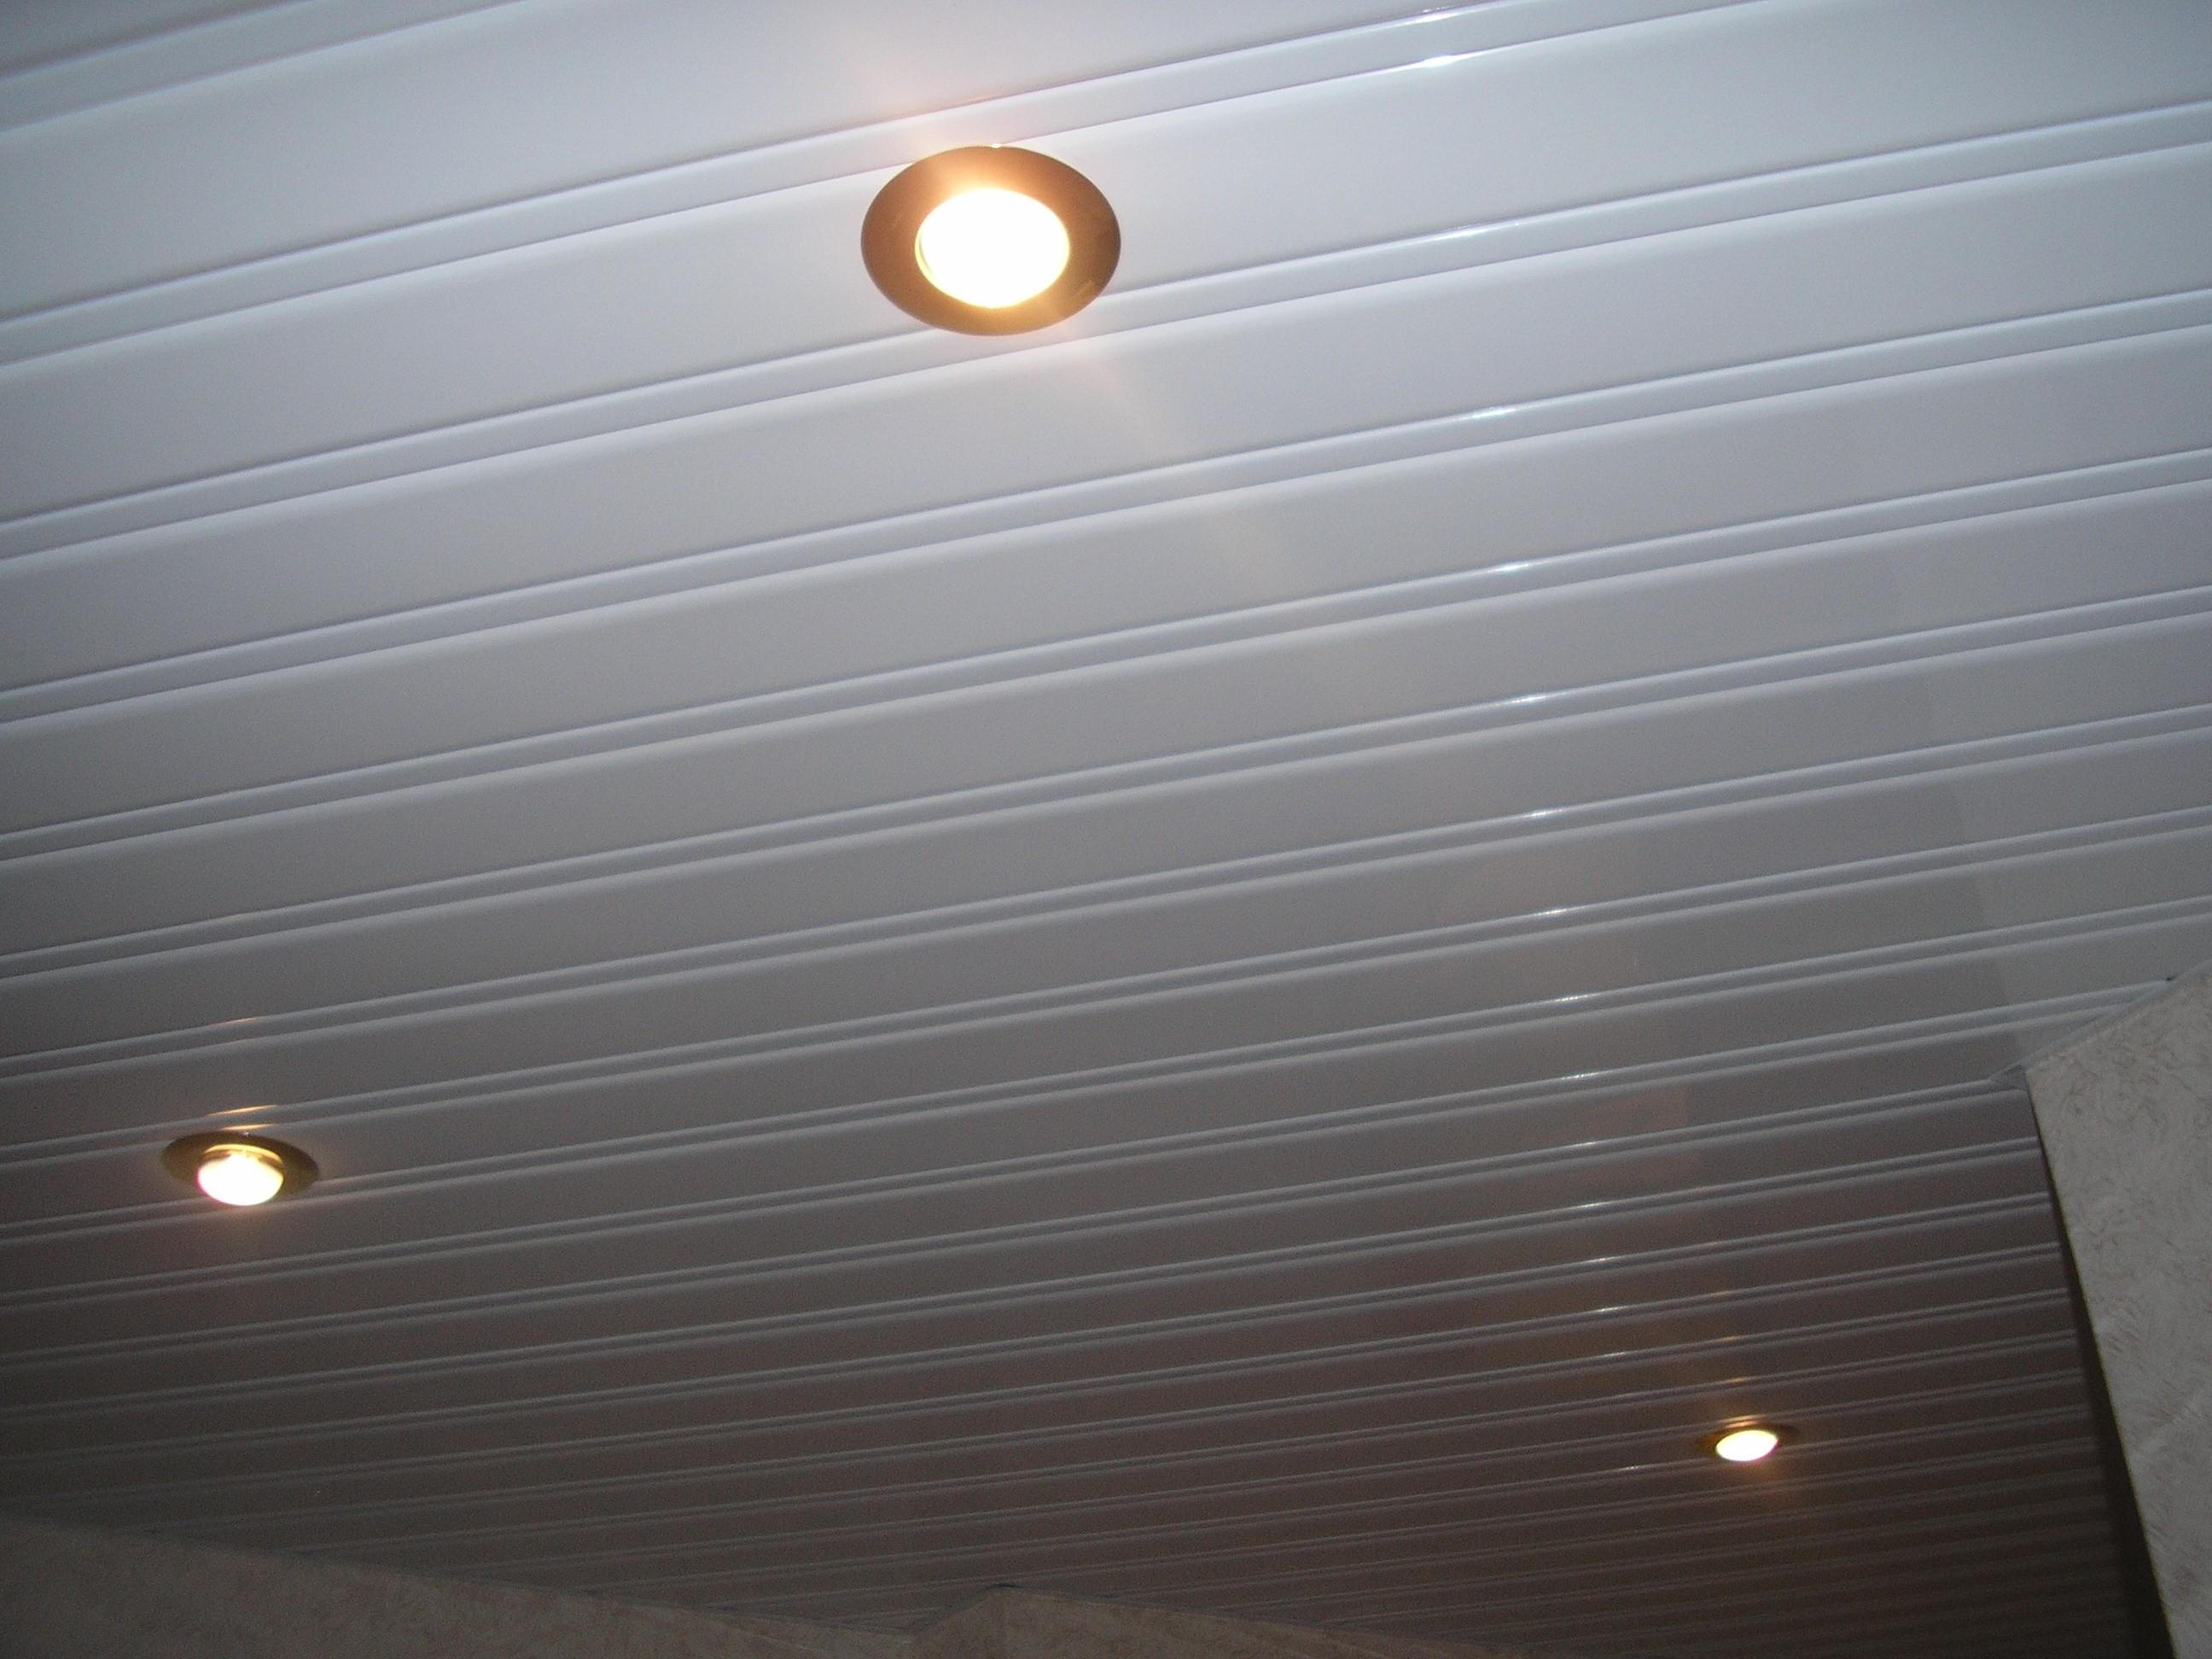 призывал потолок из панелей пвх с подсветкой фото отчего